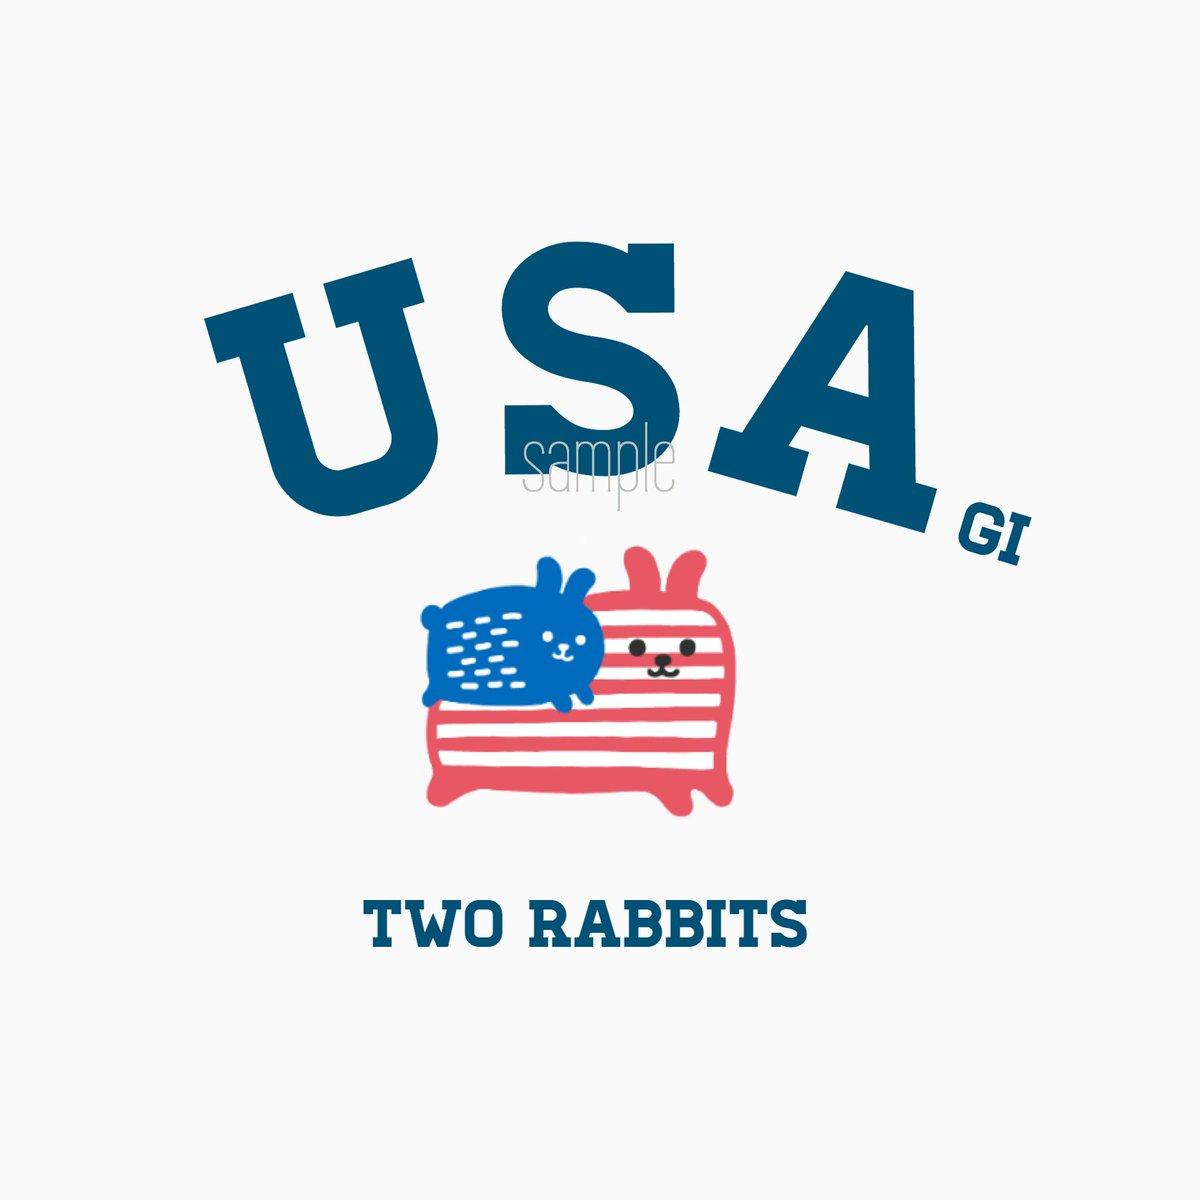 「アメリカンと見せかけて実は◯◯」なTシャツが可愛いwww欲しい人続出!!